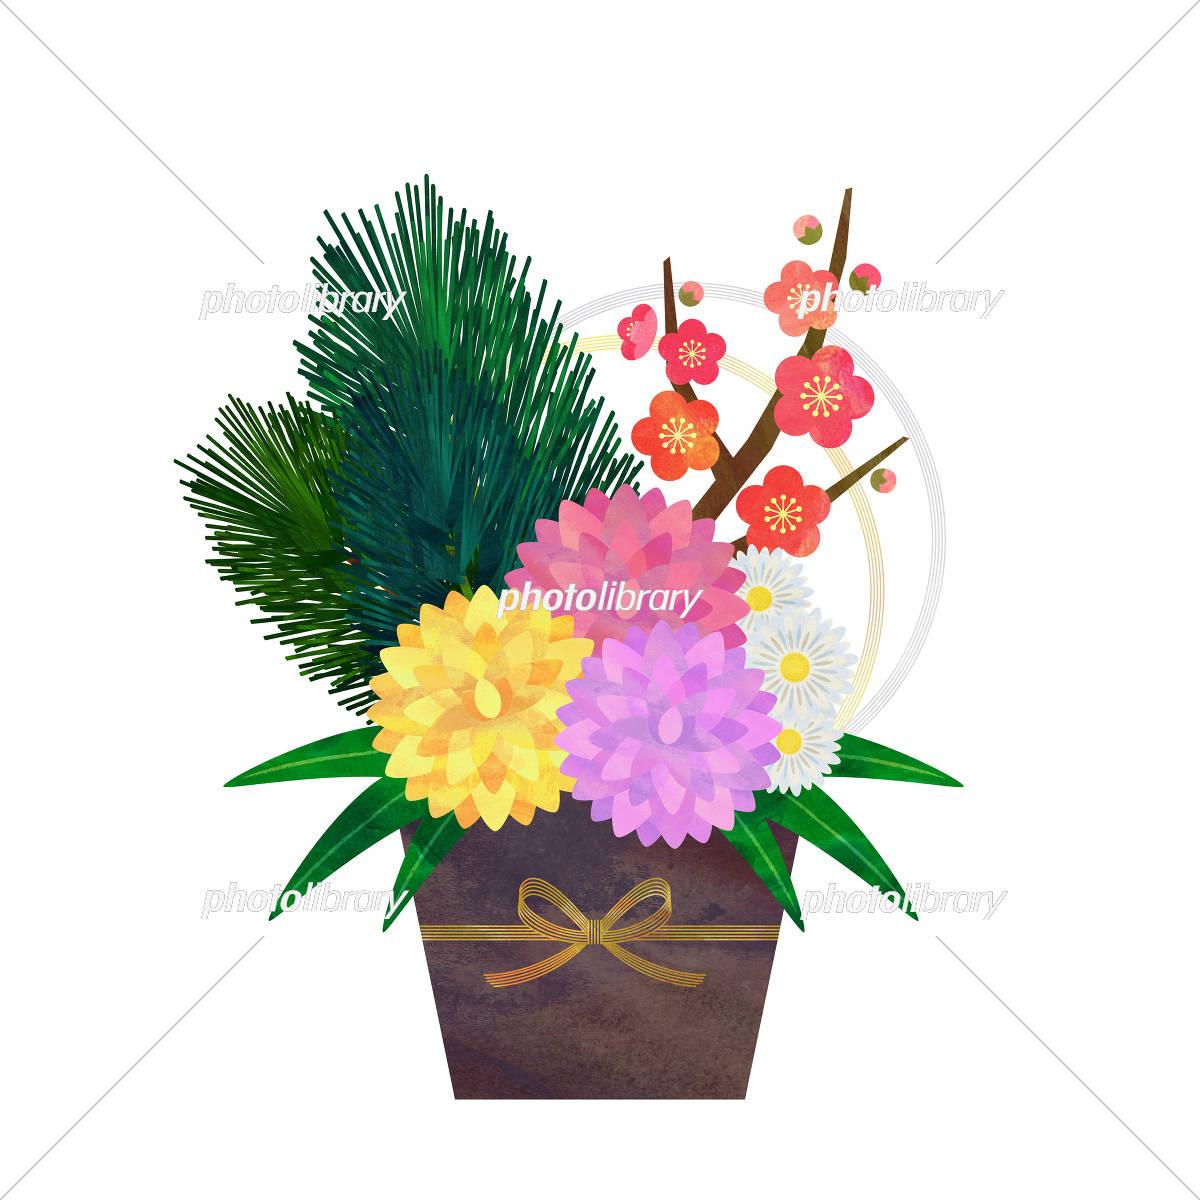 正月飾り 花 イラスト素材 5808132 フォトライブラリー Photolibrary